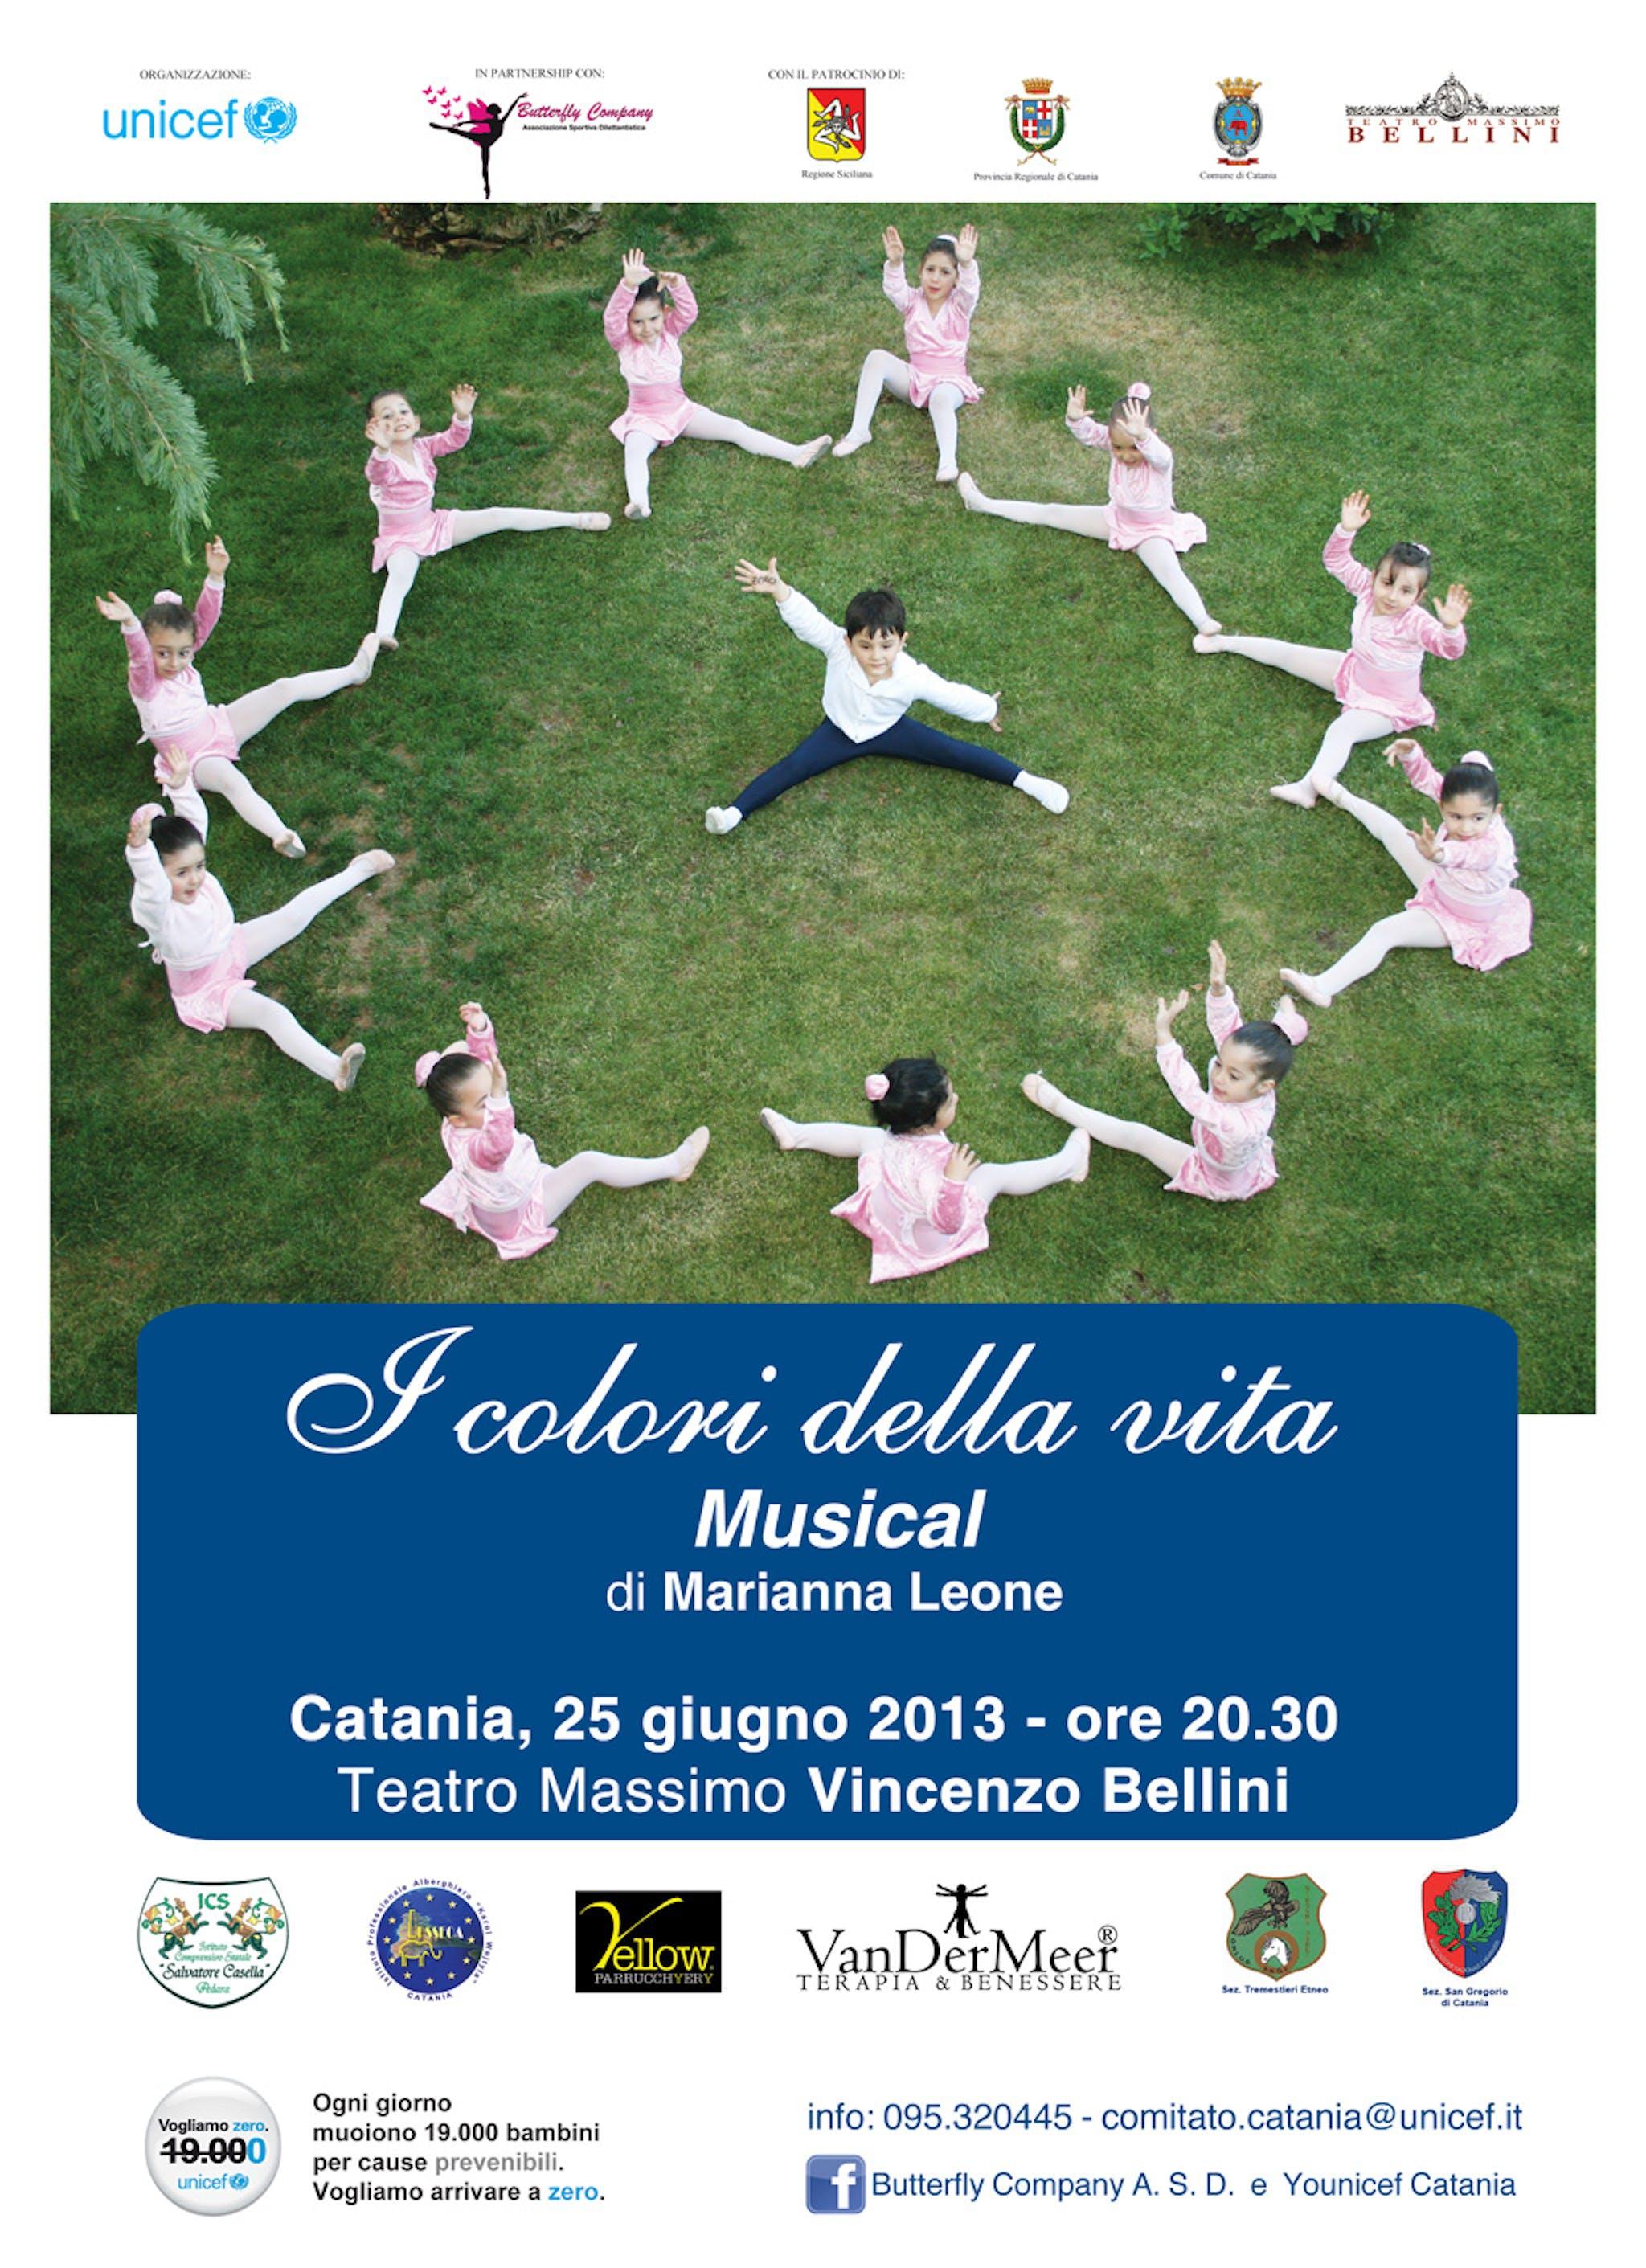 La Convenzione dell'infanzia in scena al Teatro Massimo di Catania